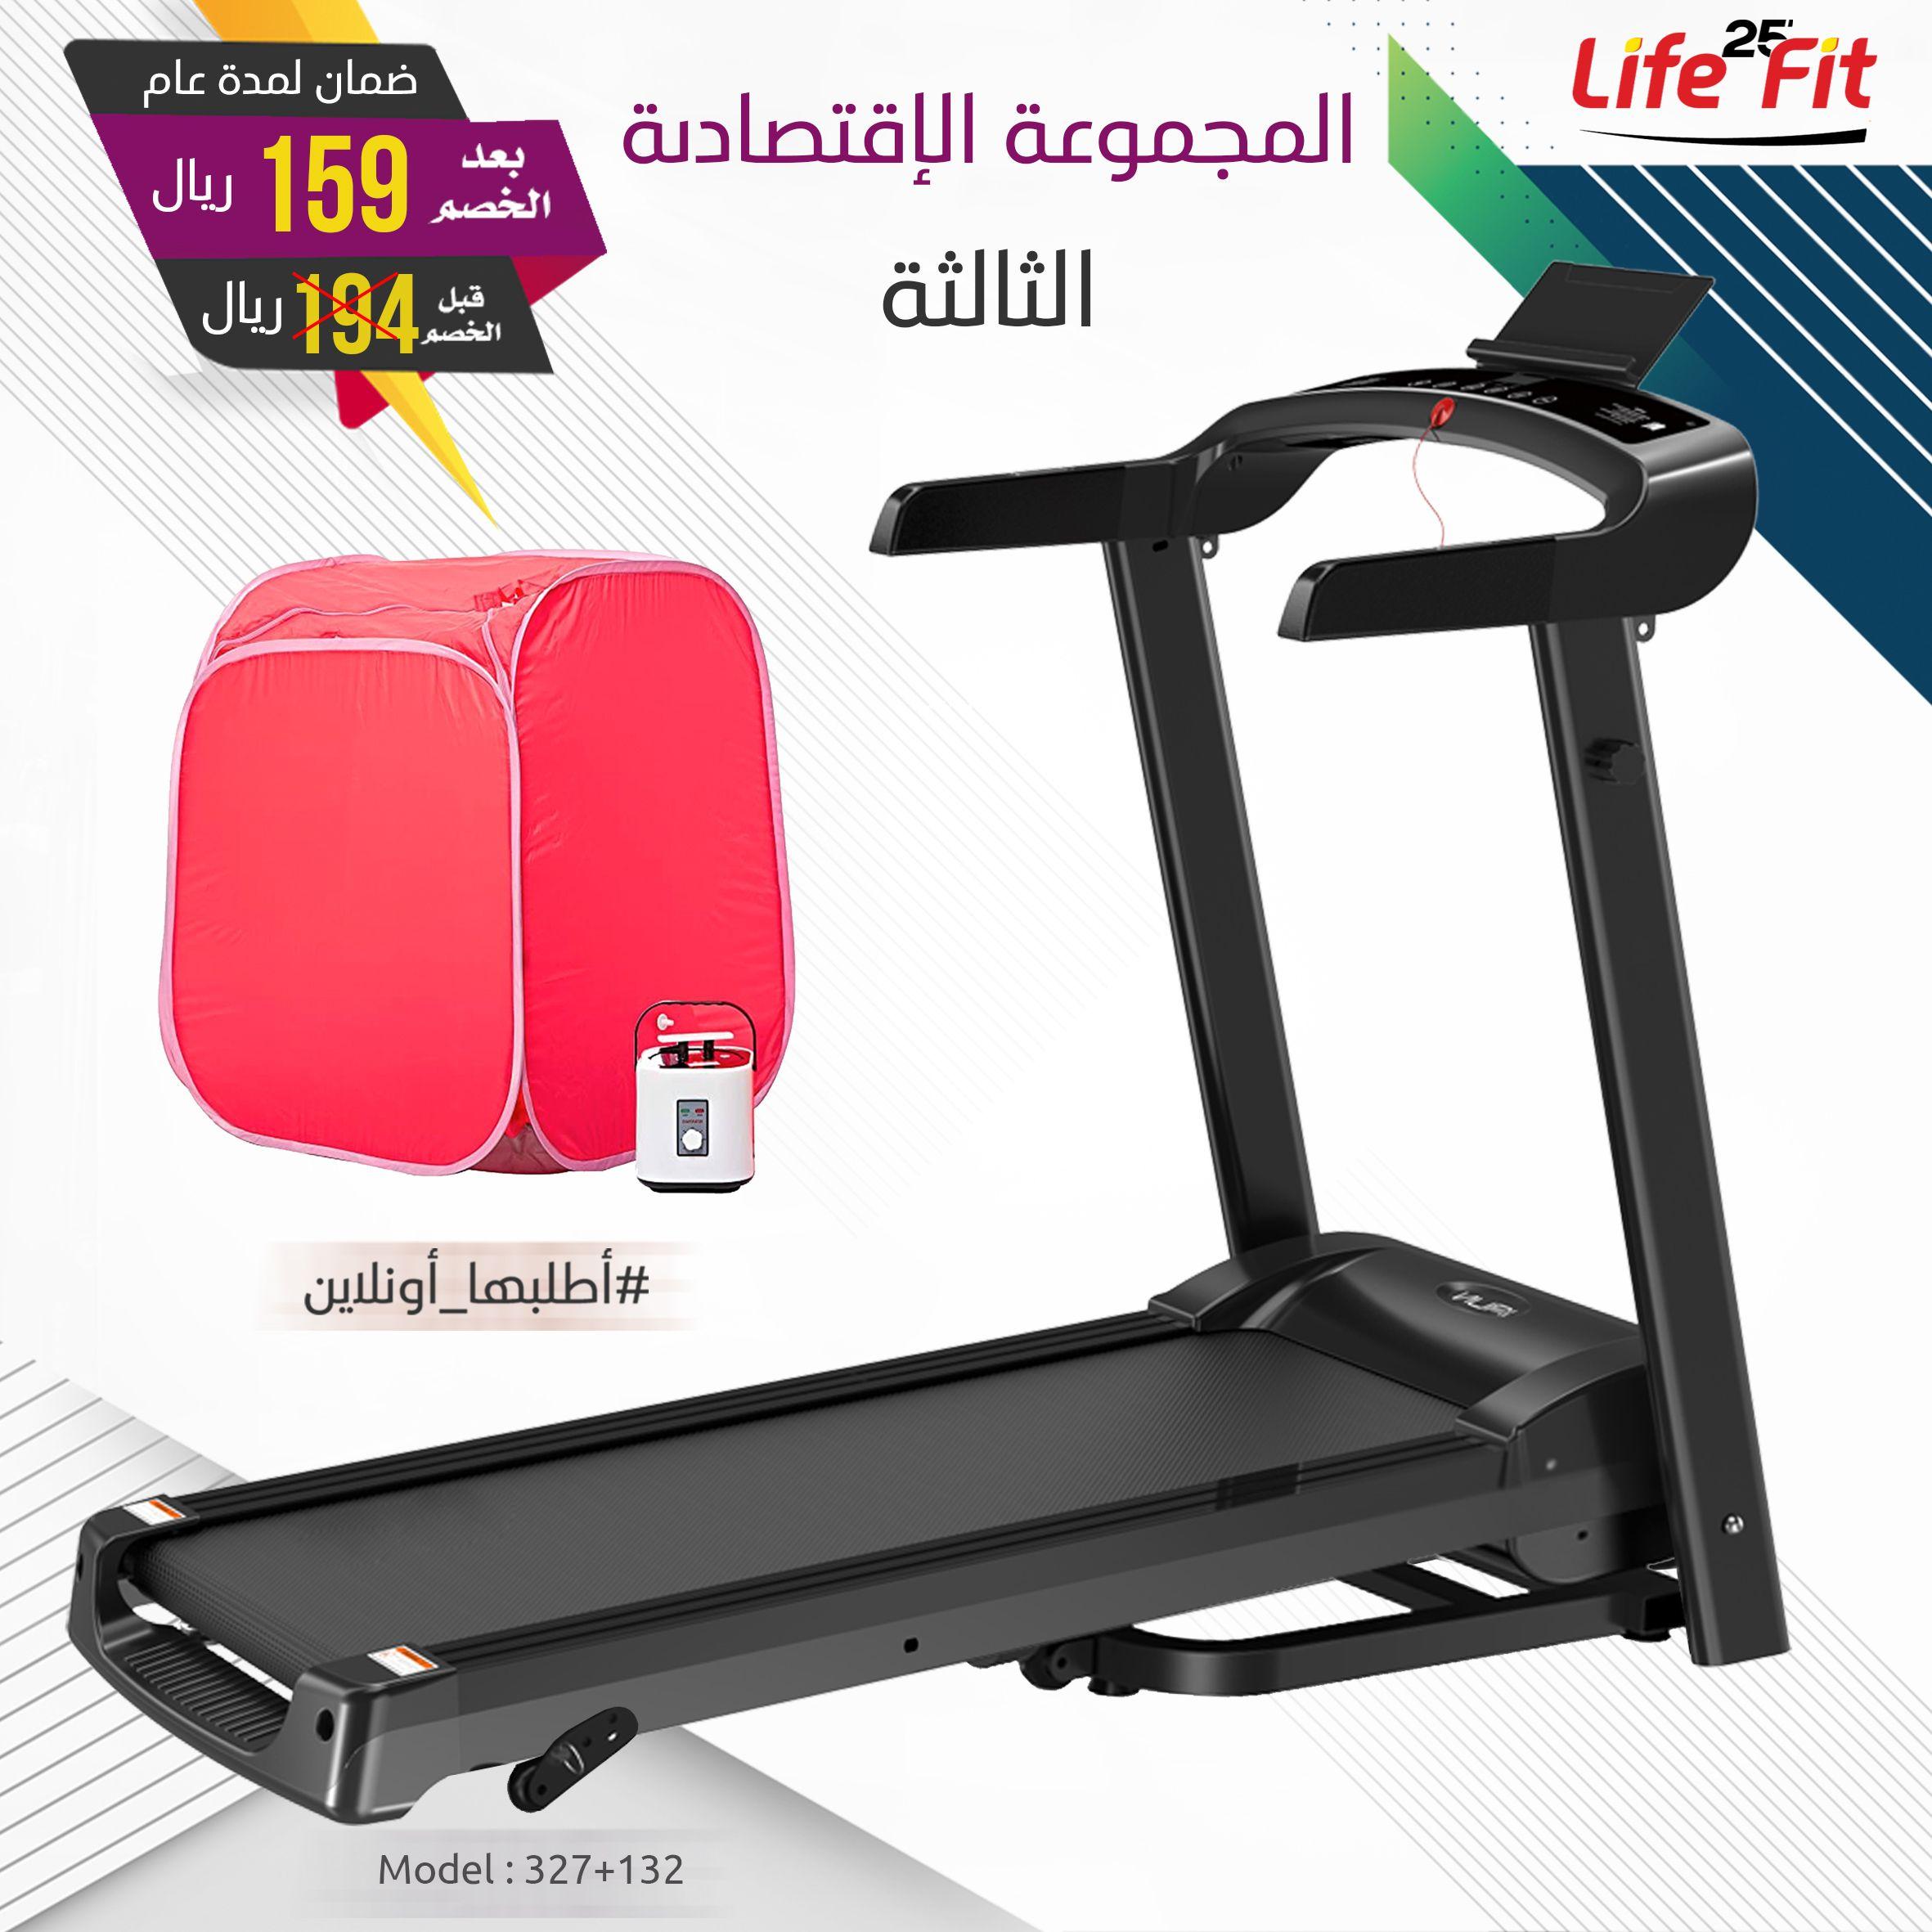 السير الإقتصادي من الومبيا بإصدار خاص Life 25 Fit يتحمل أوزان حتي ١١٠ كيلو مع شاشة الكترونية لقياس السرعة المسافة الزمن Sultanate Of Oman Gym Stuff To Buy